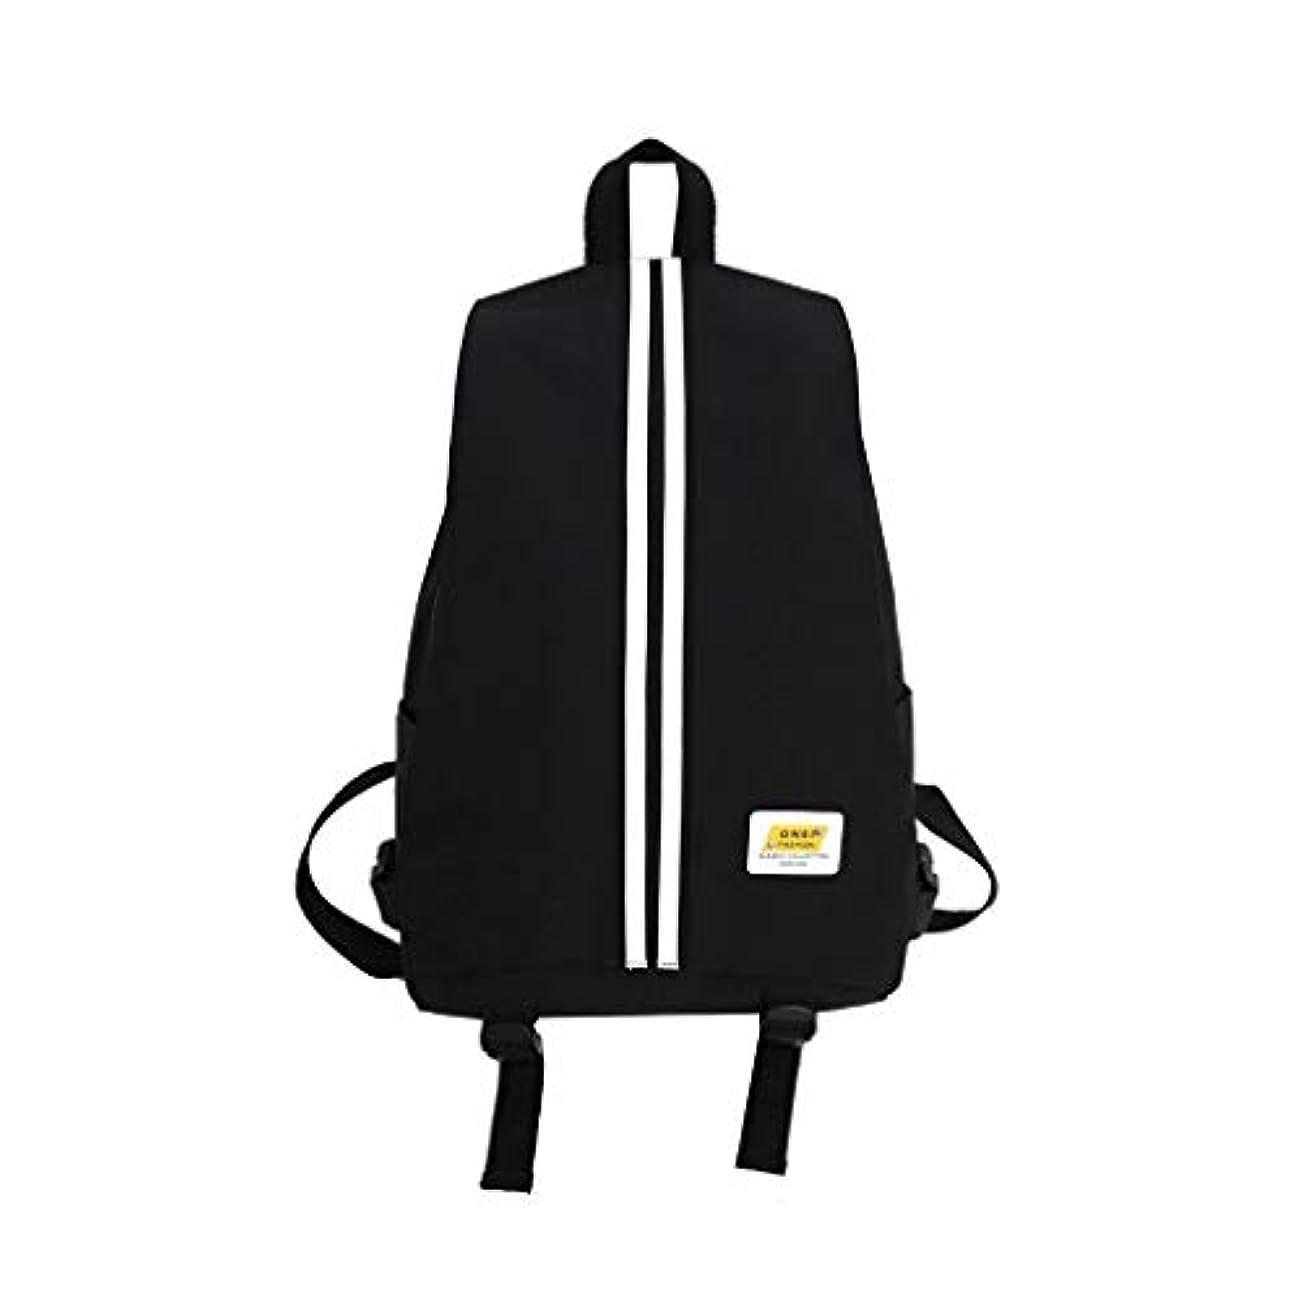 トロピカル電話に出る不適当ショルダーバッグ バックパック大容量 学生鞄通学通勤レジャー鞄 ママリュック リュックサック クリアランス ファッション軽量コンピューターバッグハイキングレジャートラベルバッグ